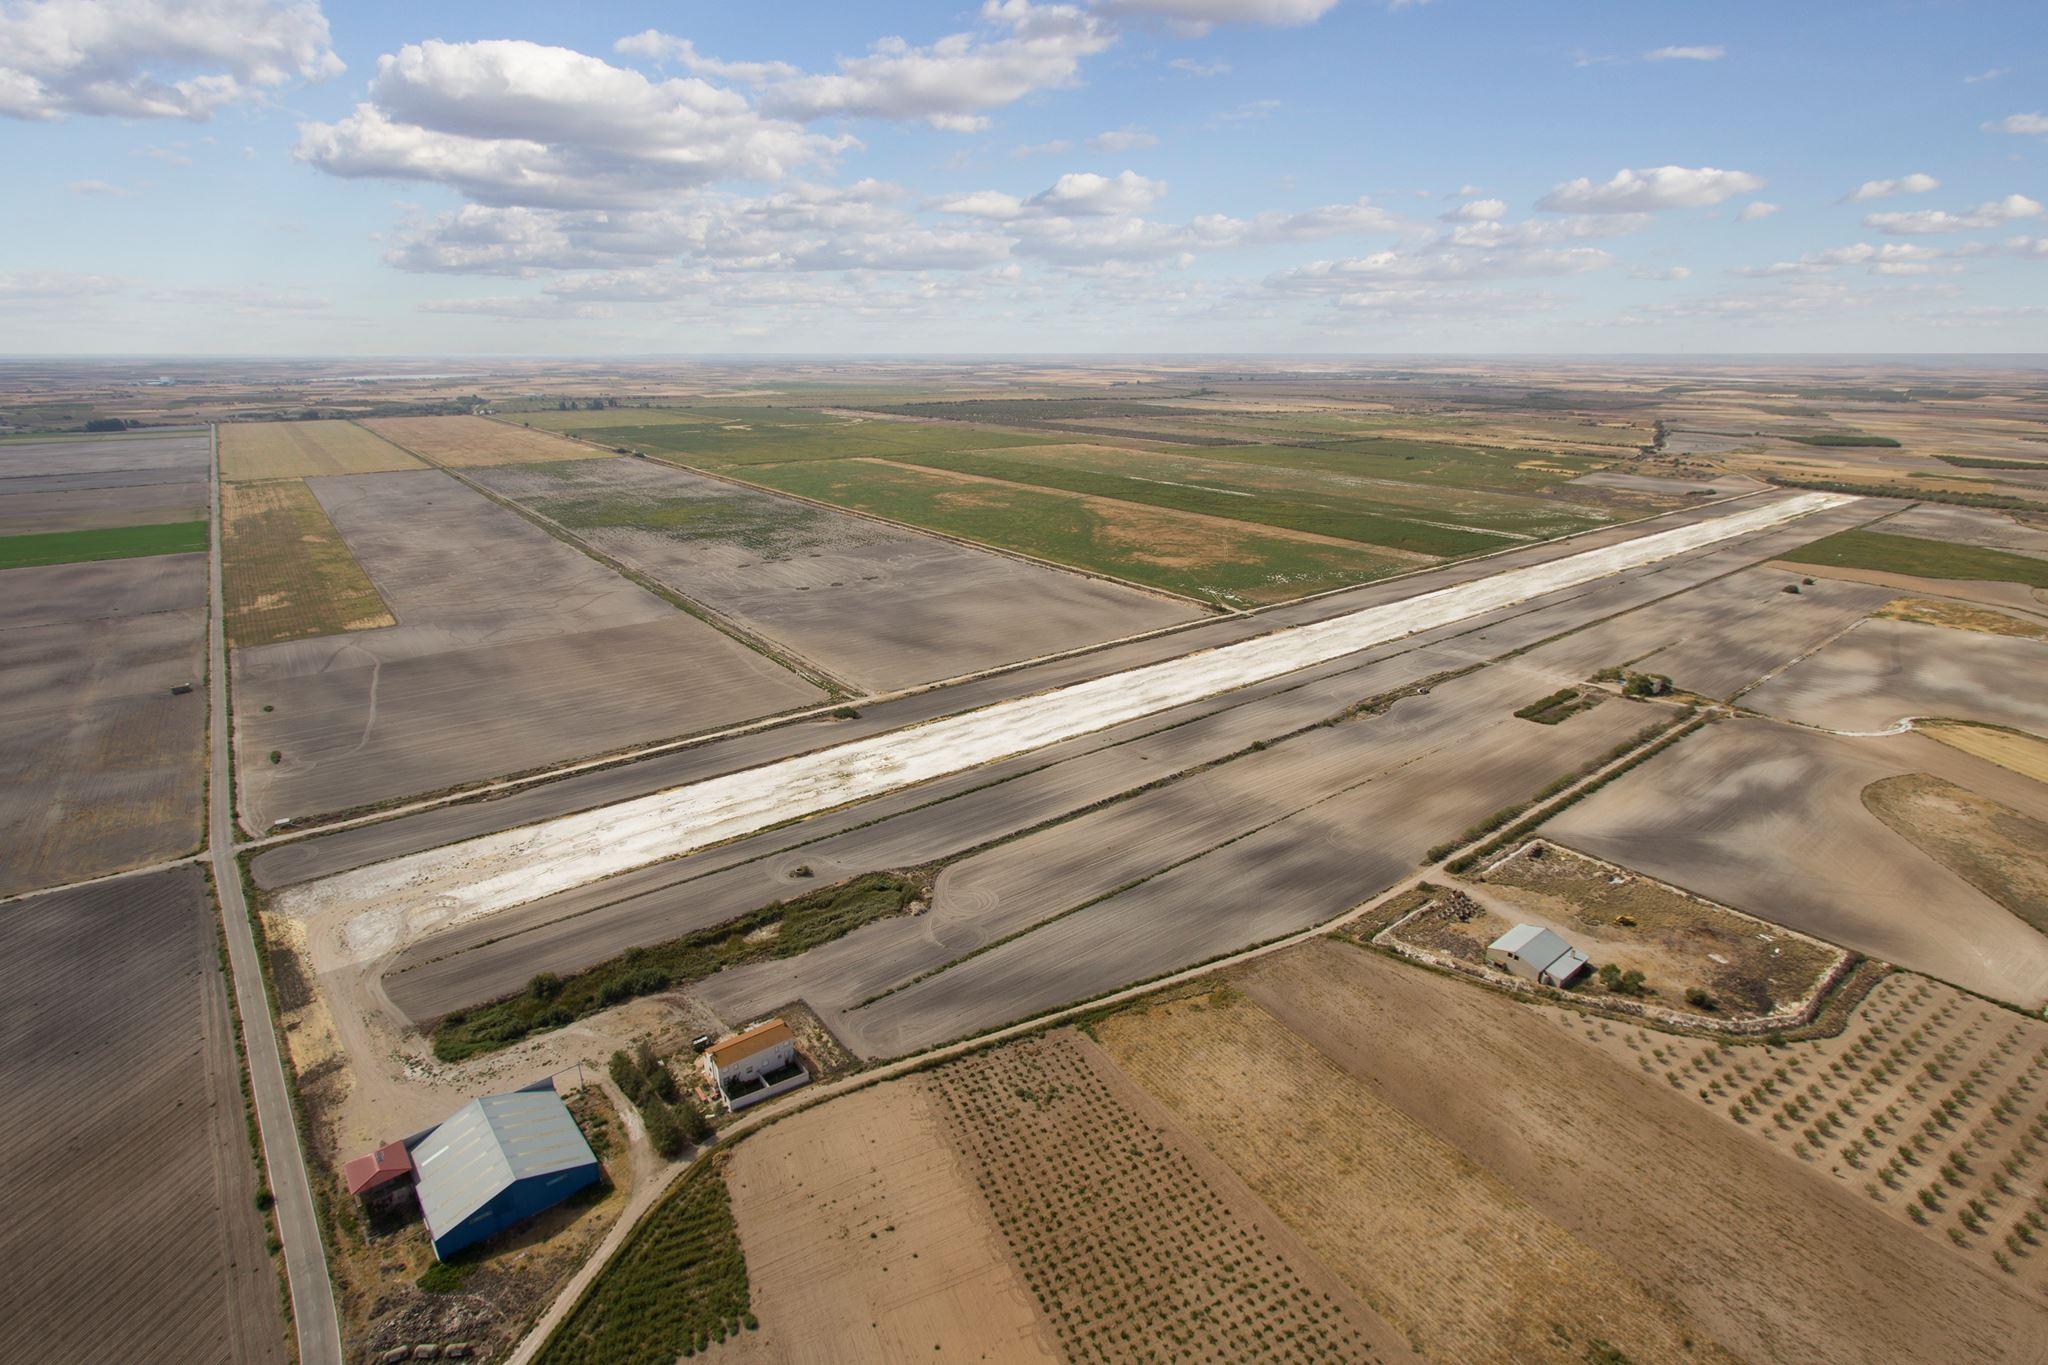 Aeródromo La Mancha LEMX Quero